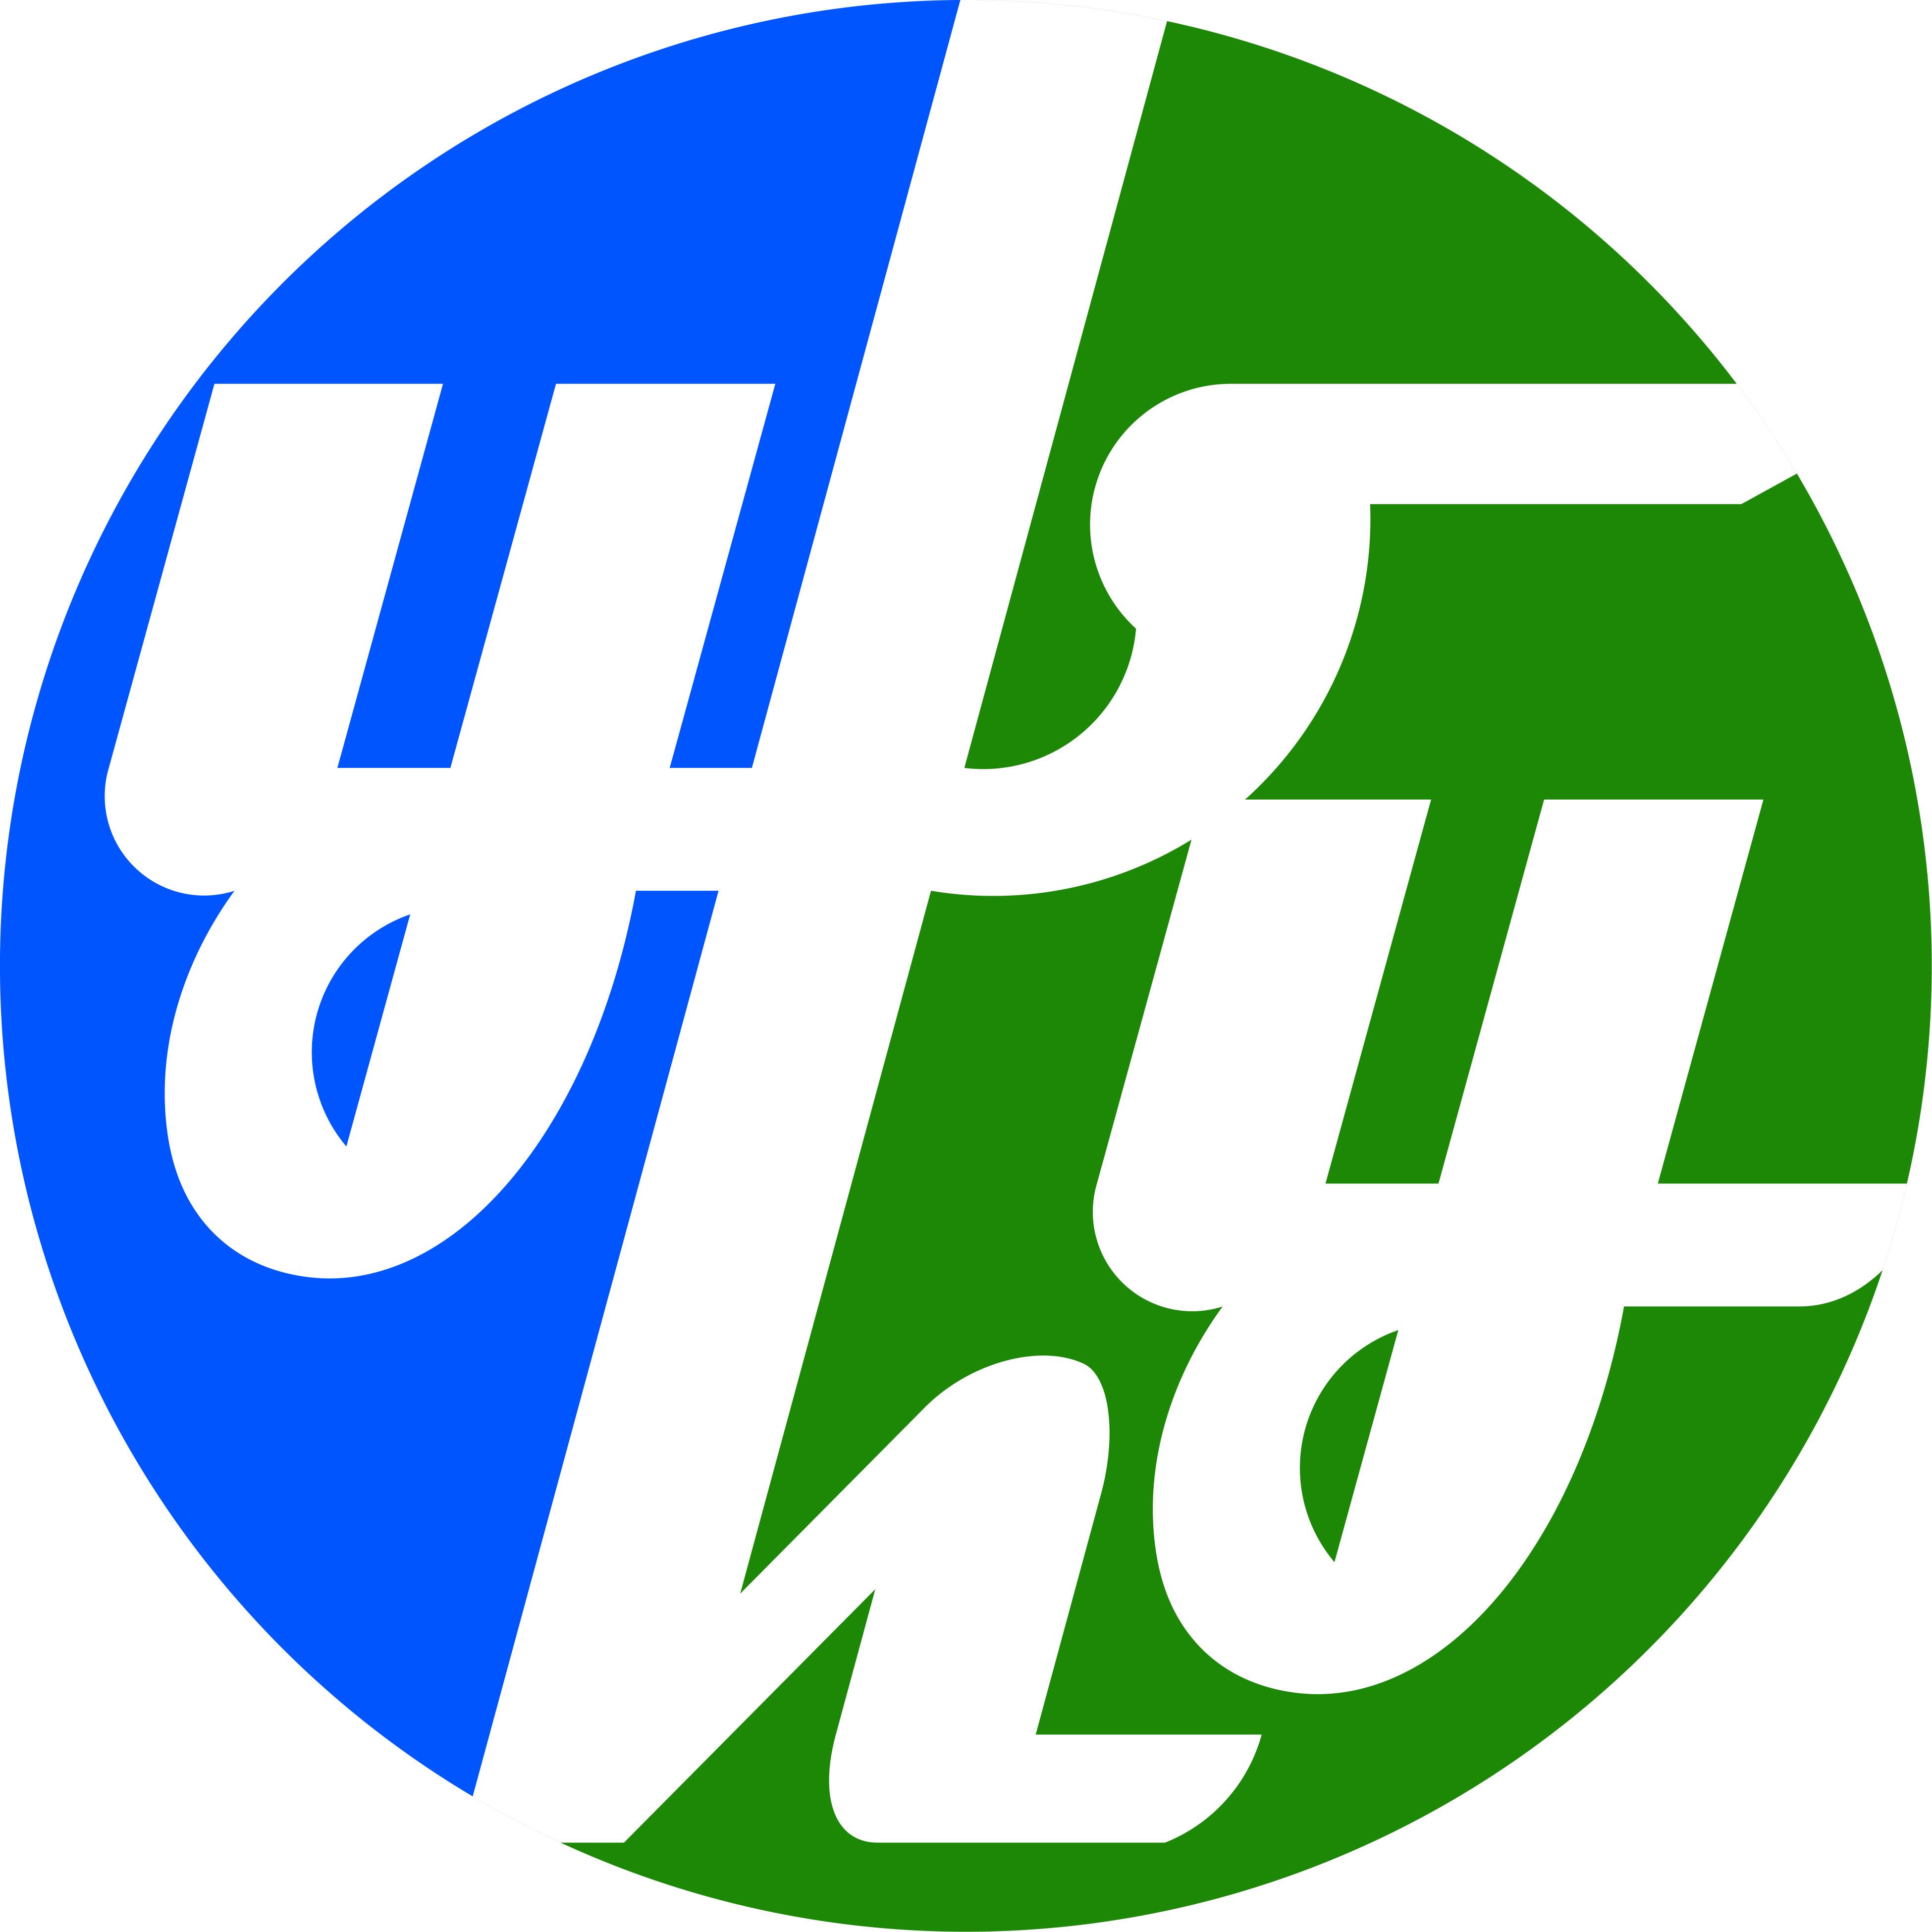 logo logo 标志 设计 矢量 矢量图 素材 图标 3900_3900